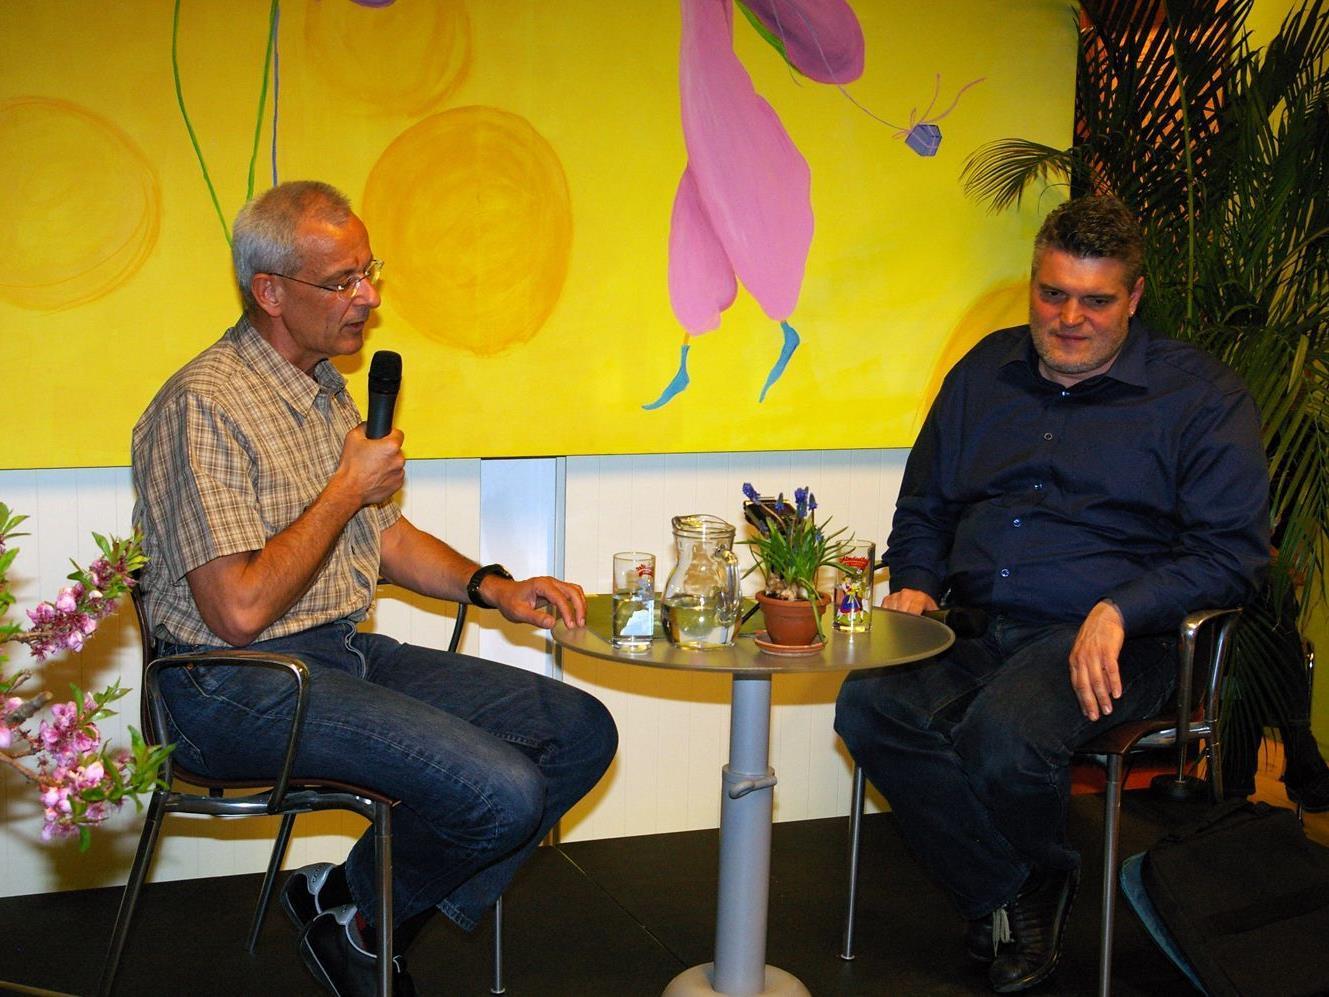 Suchtexperte Dr. Roland Wölfle im Gespräch mit Moderator George Nussbaumer.